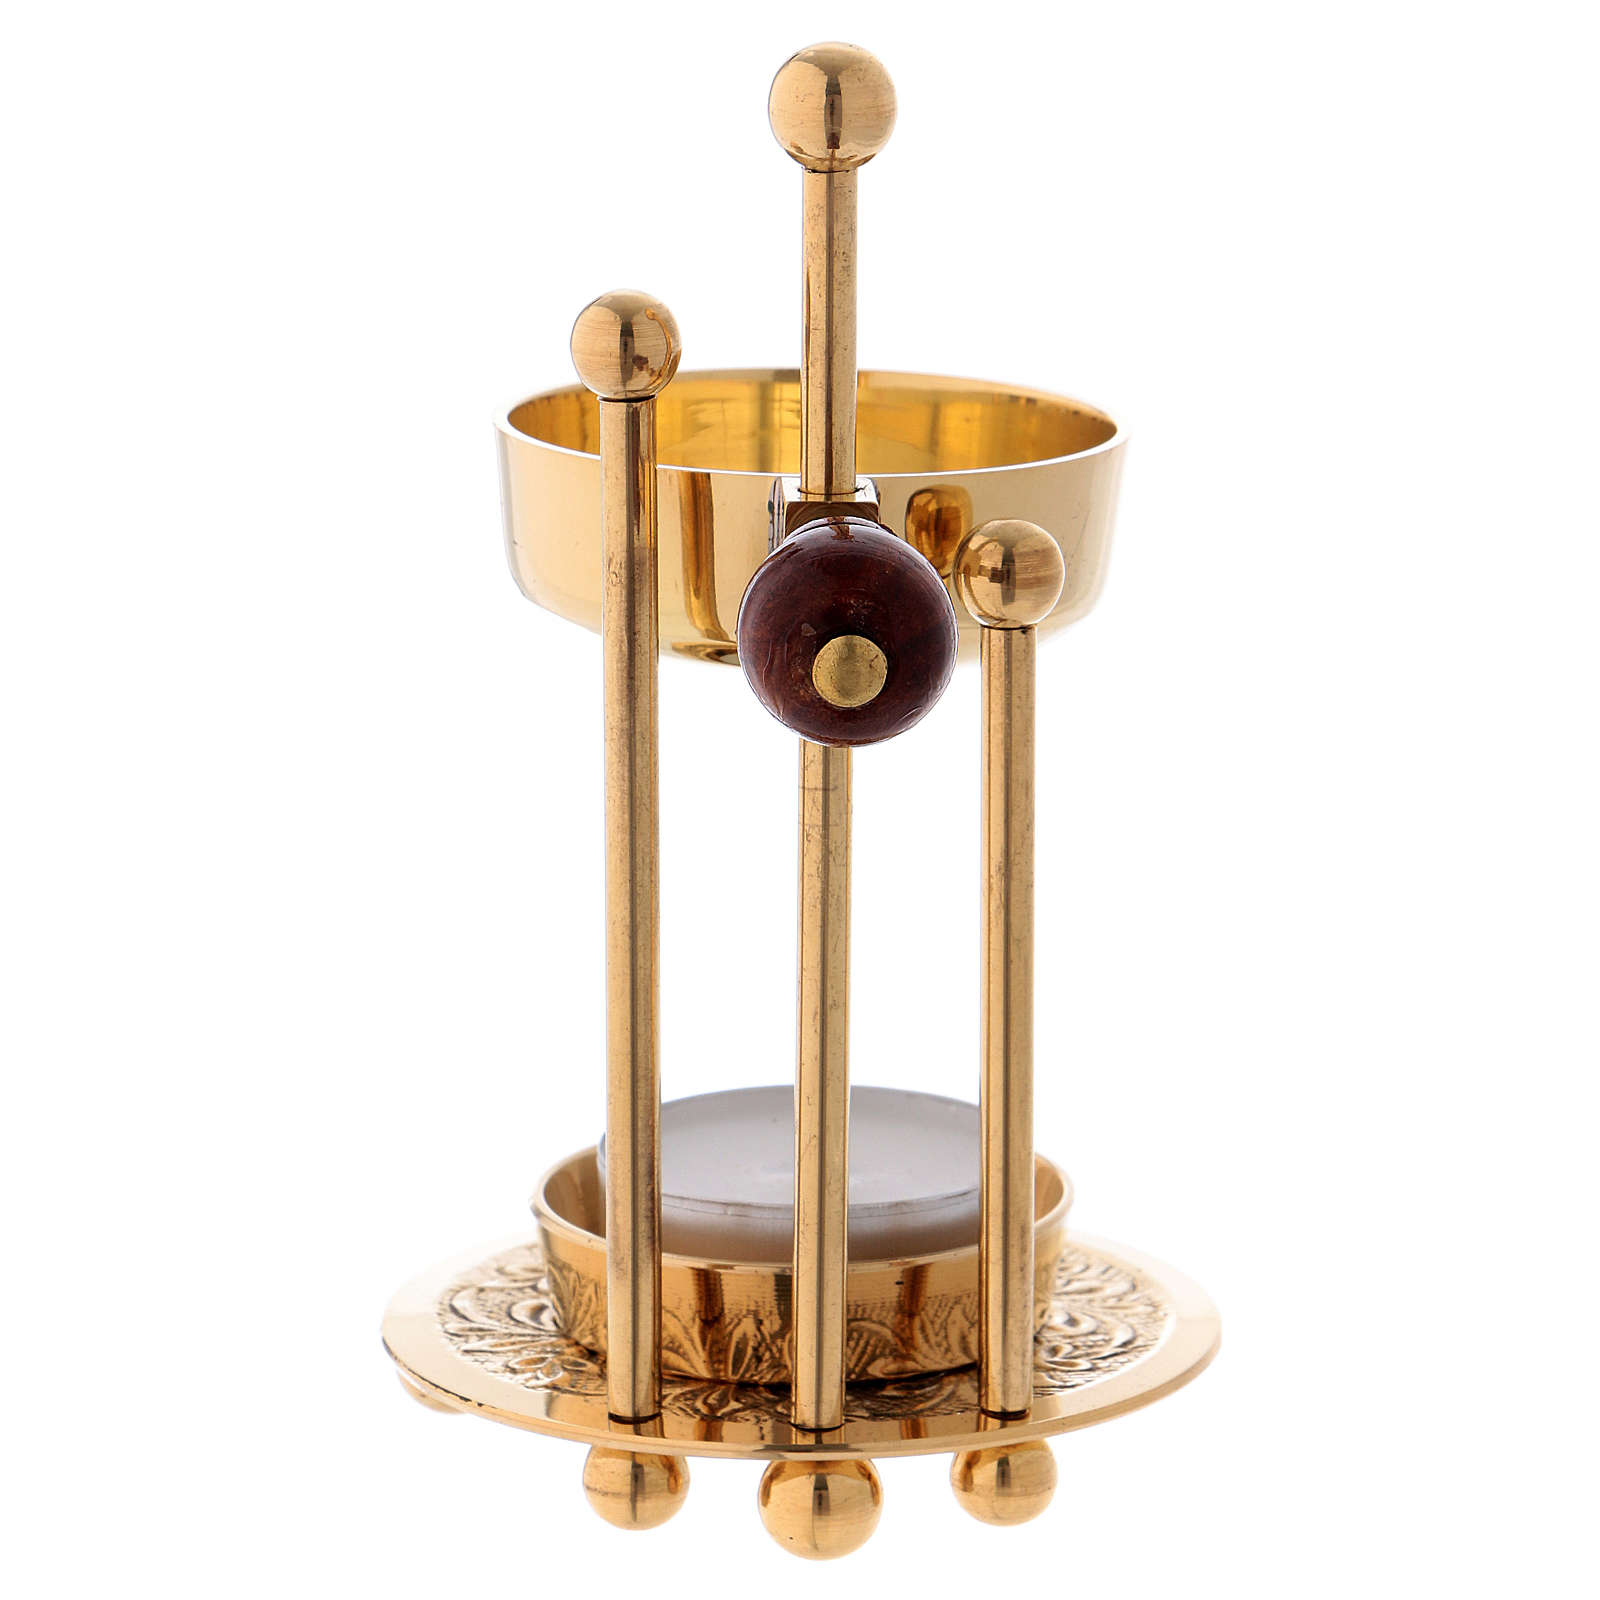 Bruciaincenso ottone dorato lucido tre supporti pomello legno 11 cm 3